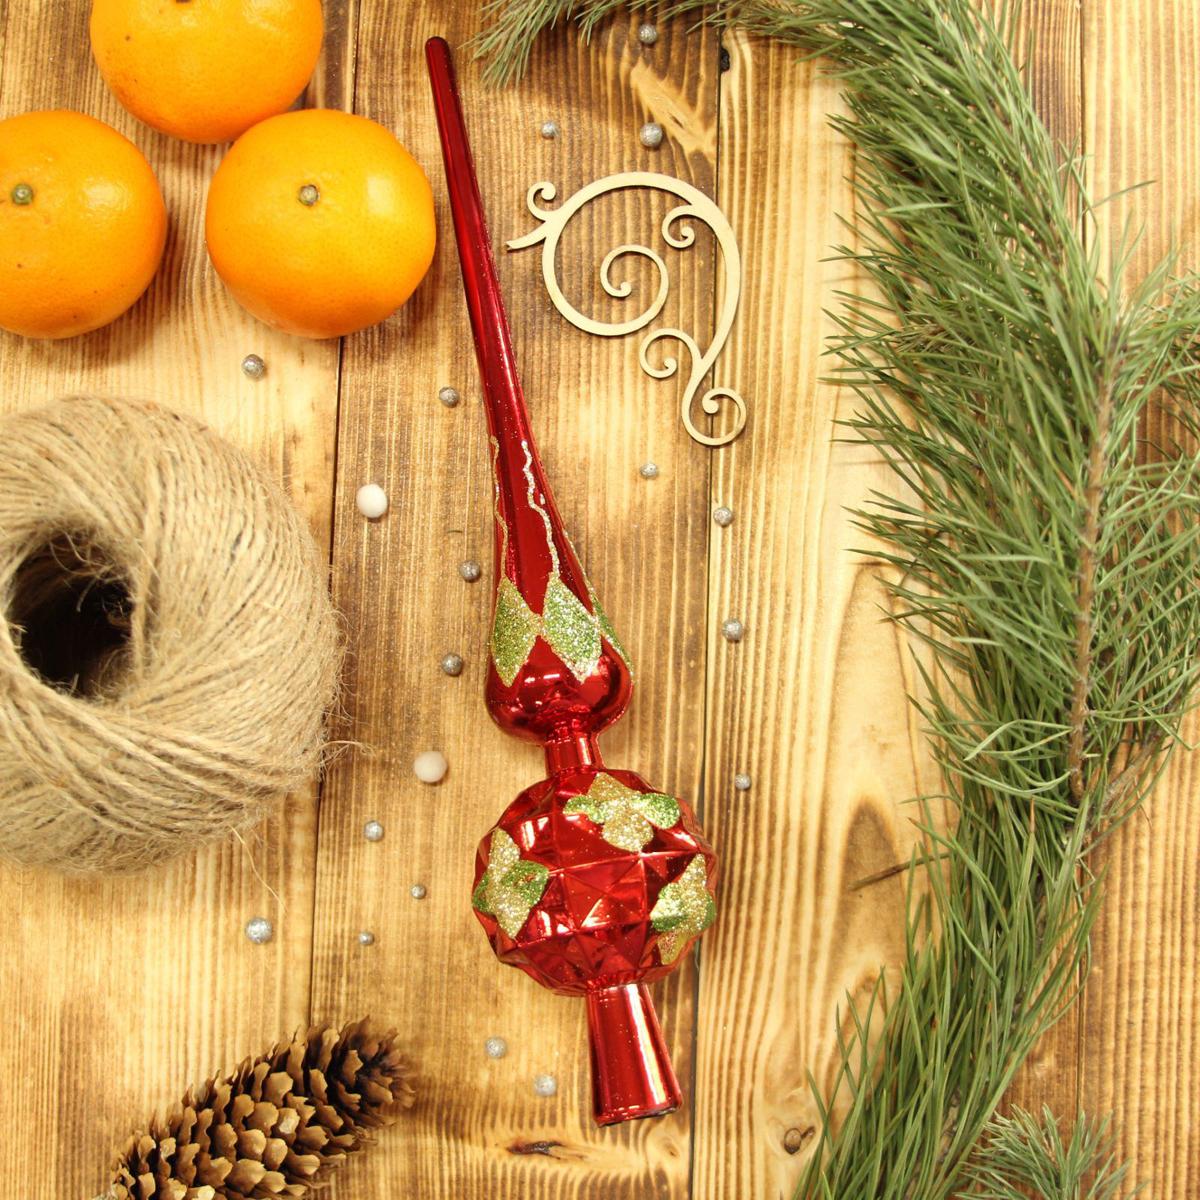 Верхушка на елку Sima-land Рельеф, 27,5 см. 21230472123047Верхушка на елку Sima-land будет прекрасно смотреться на новогодней еле. Верхушка на елку - одно из главных новогодних украшений лесной красавицы. Она принесет в ваш дом ни с чем не сравнимое ощущение праздника! Новогодние украшения несут в себе волшебство. Они помогут вам украсить дом к предстоящим праздникам и оживить интерьер по вашему вкусу. Создайте в доме атмосферу тепла, веселья и радости, украшая его всей семьей.